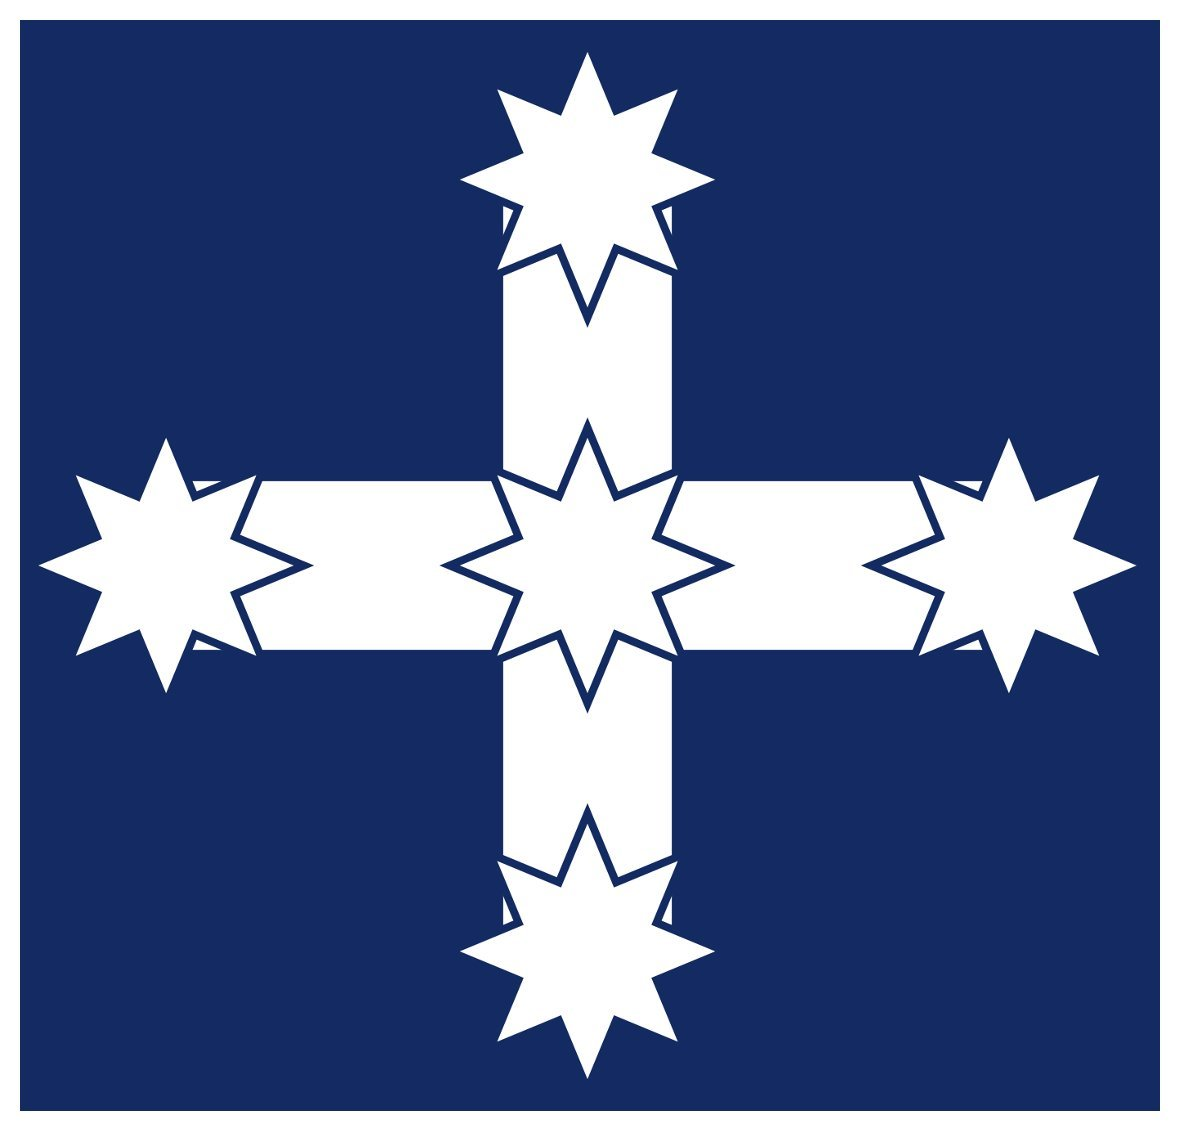 AUSTRALIAN EUREKA FLAG DECALSTICKER100mm x 65mmSTOCKADEAUSSIEPRID